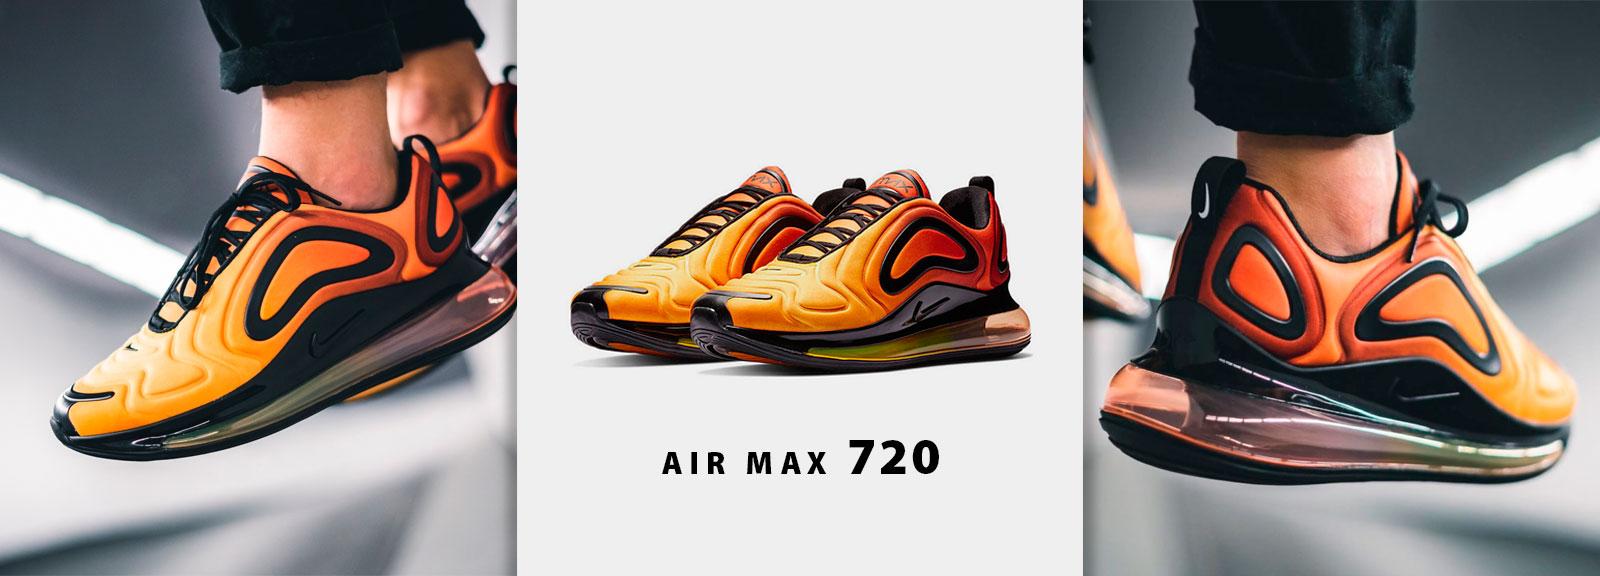 airmax720